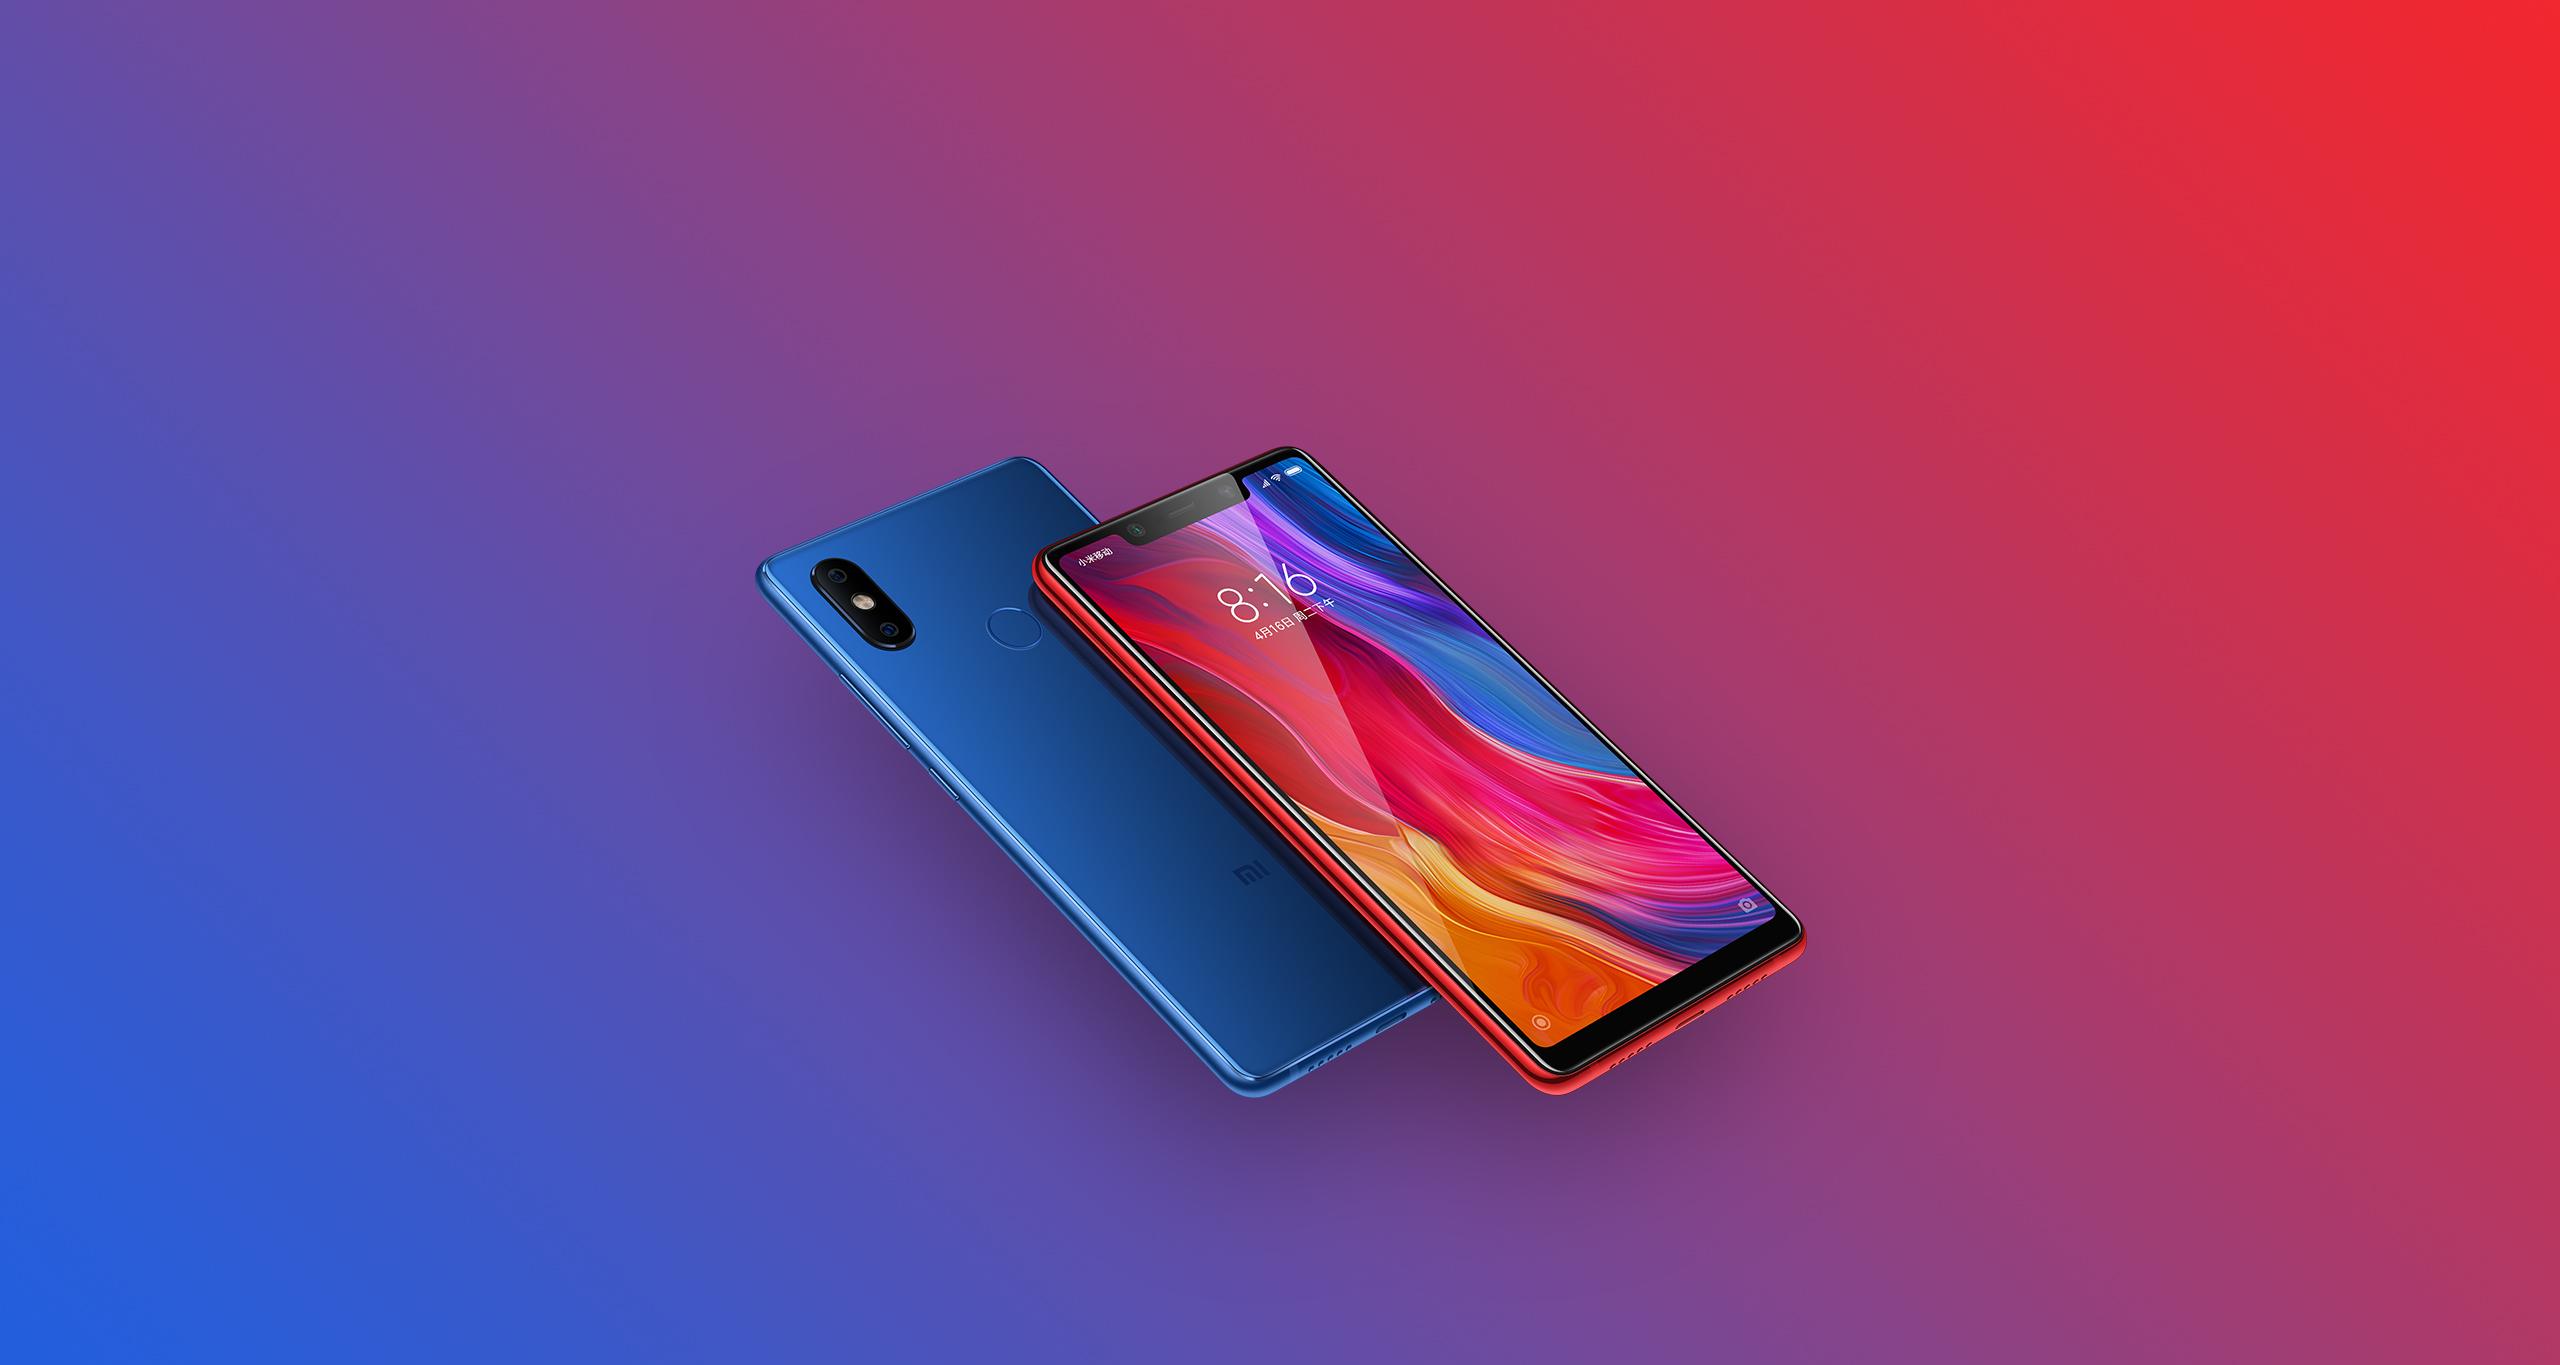 Xiaomi Mi 8 SE